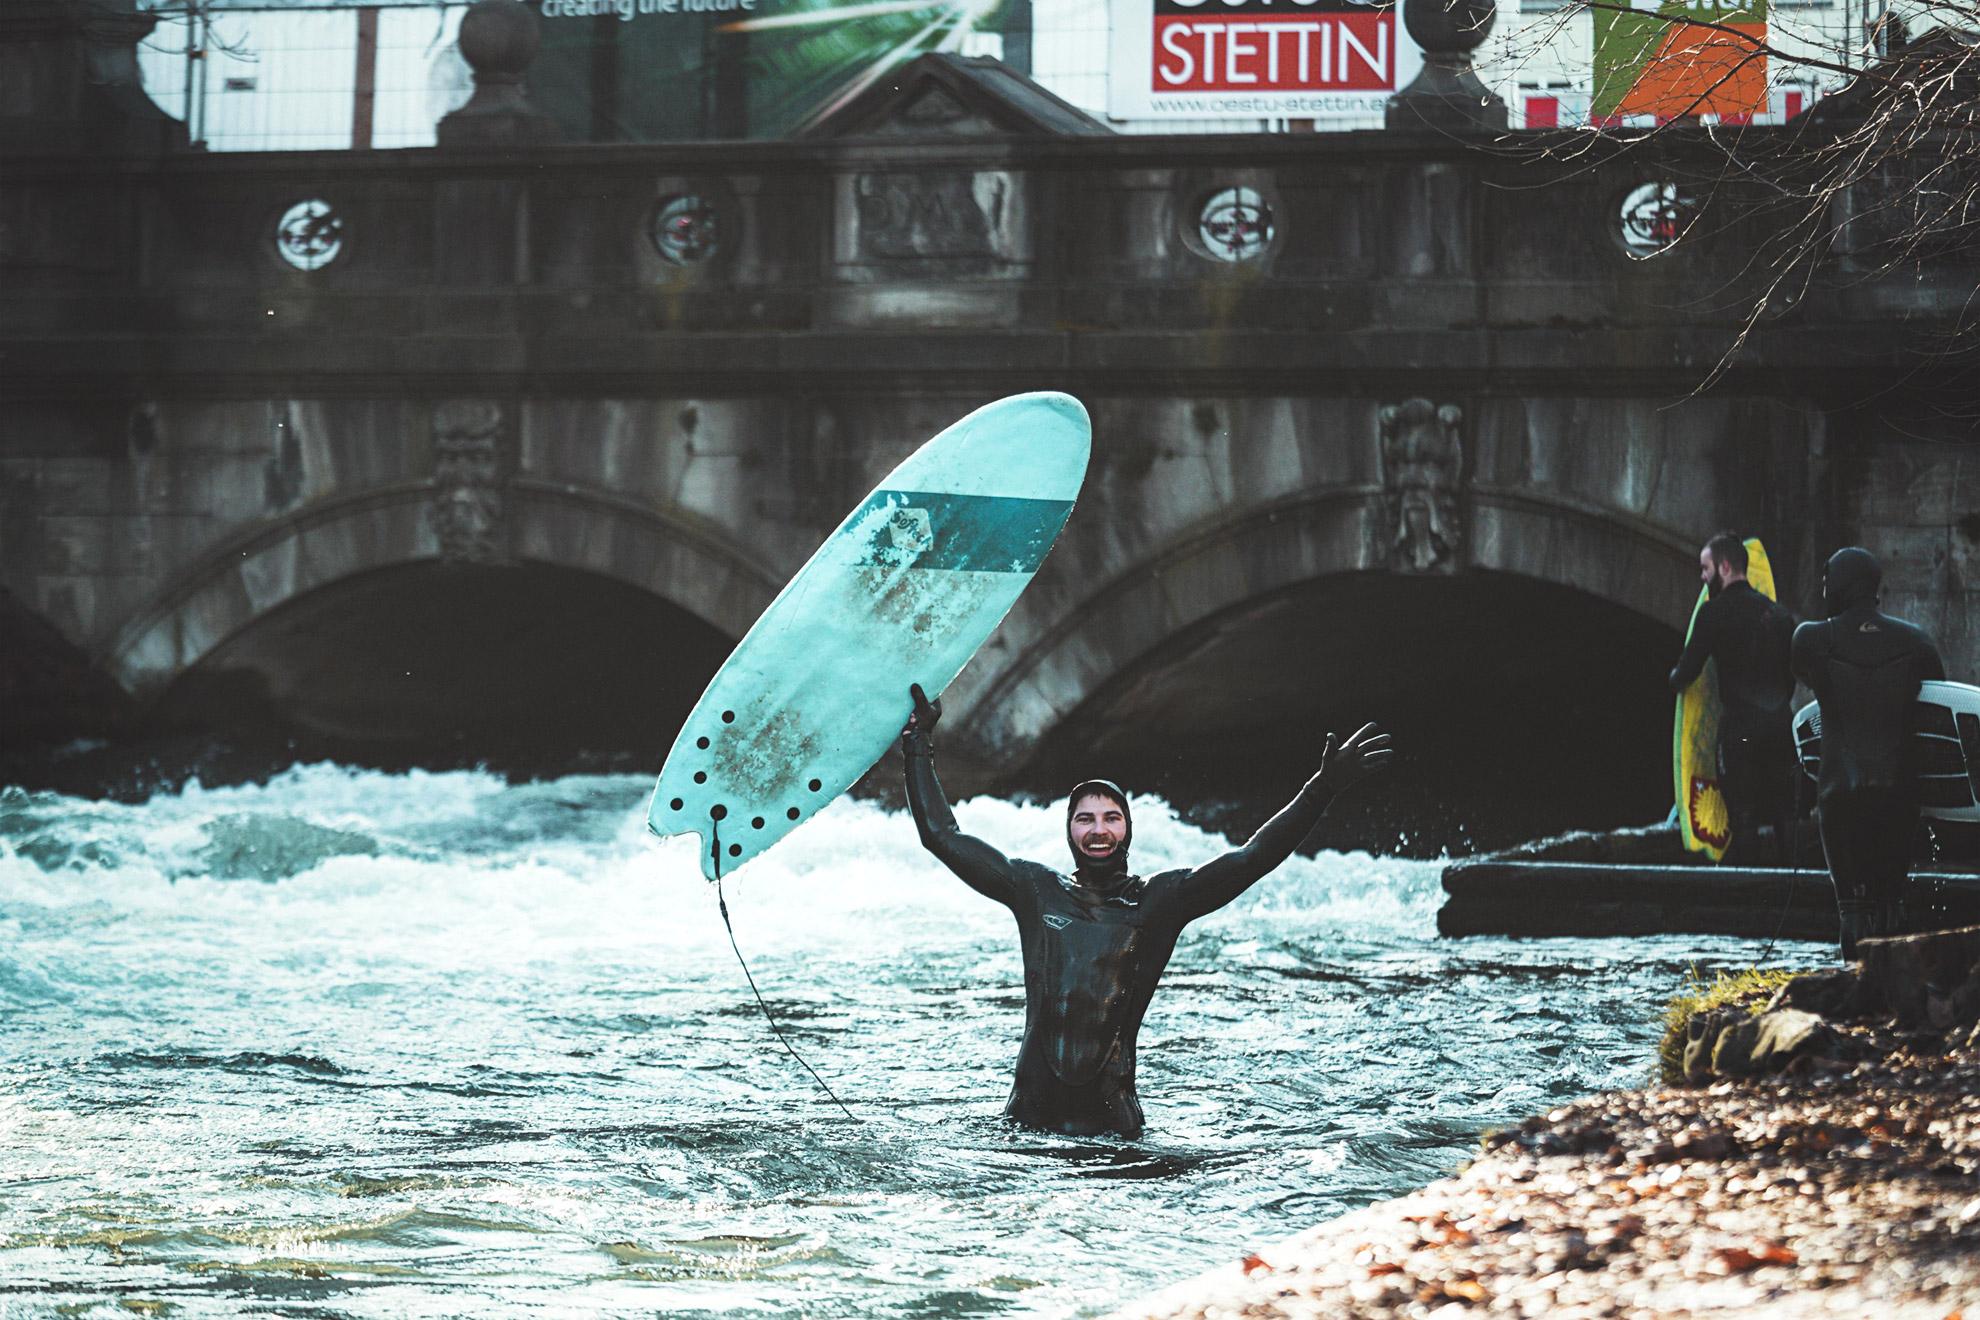 riversurfing_surffaus_joki_munchen_kaupunki